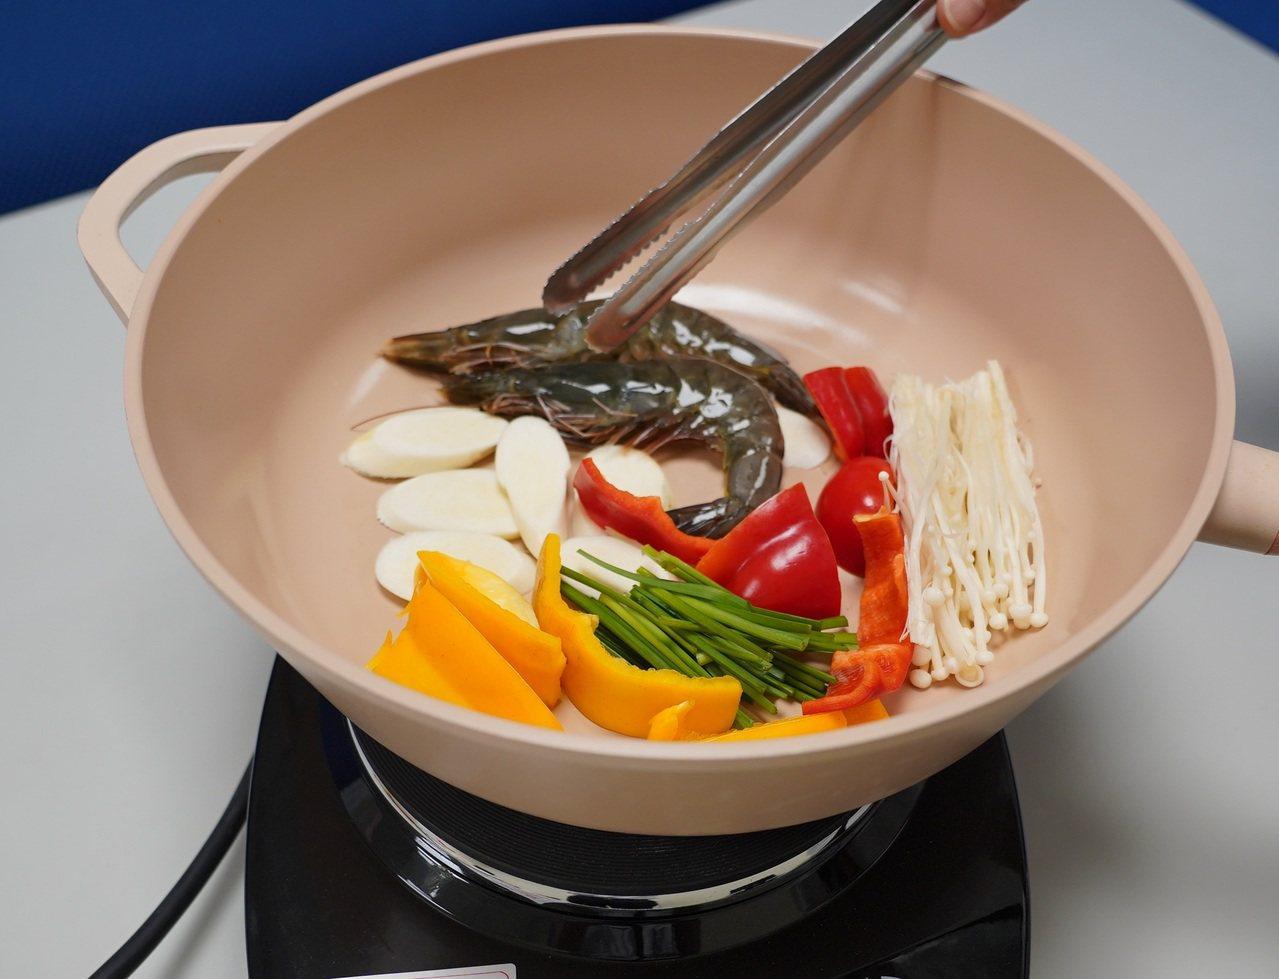 營養師建議,烤肉食材可多選擇海鮮、蔬菜,取代紅肉。 圖/聯新國際醫院提供